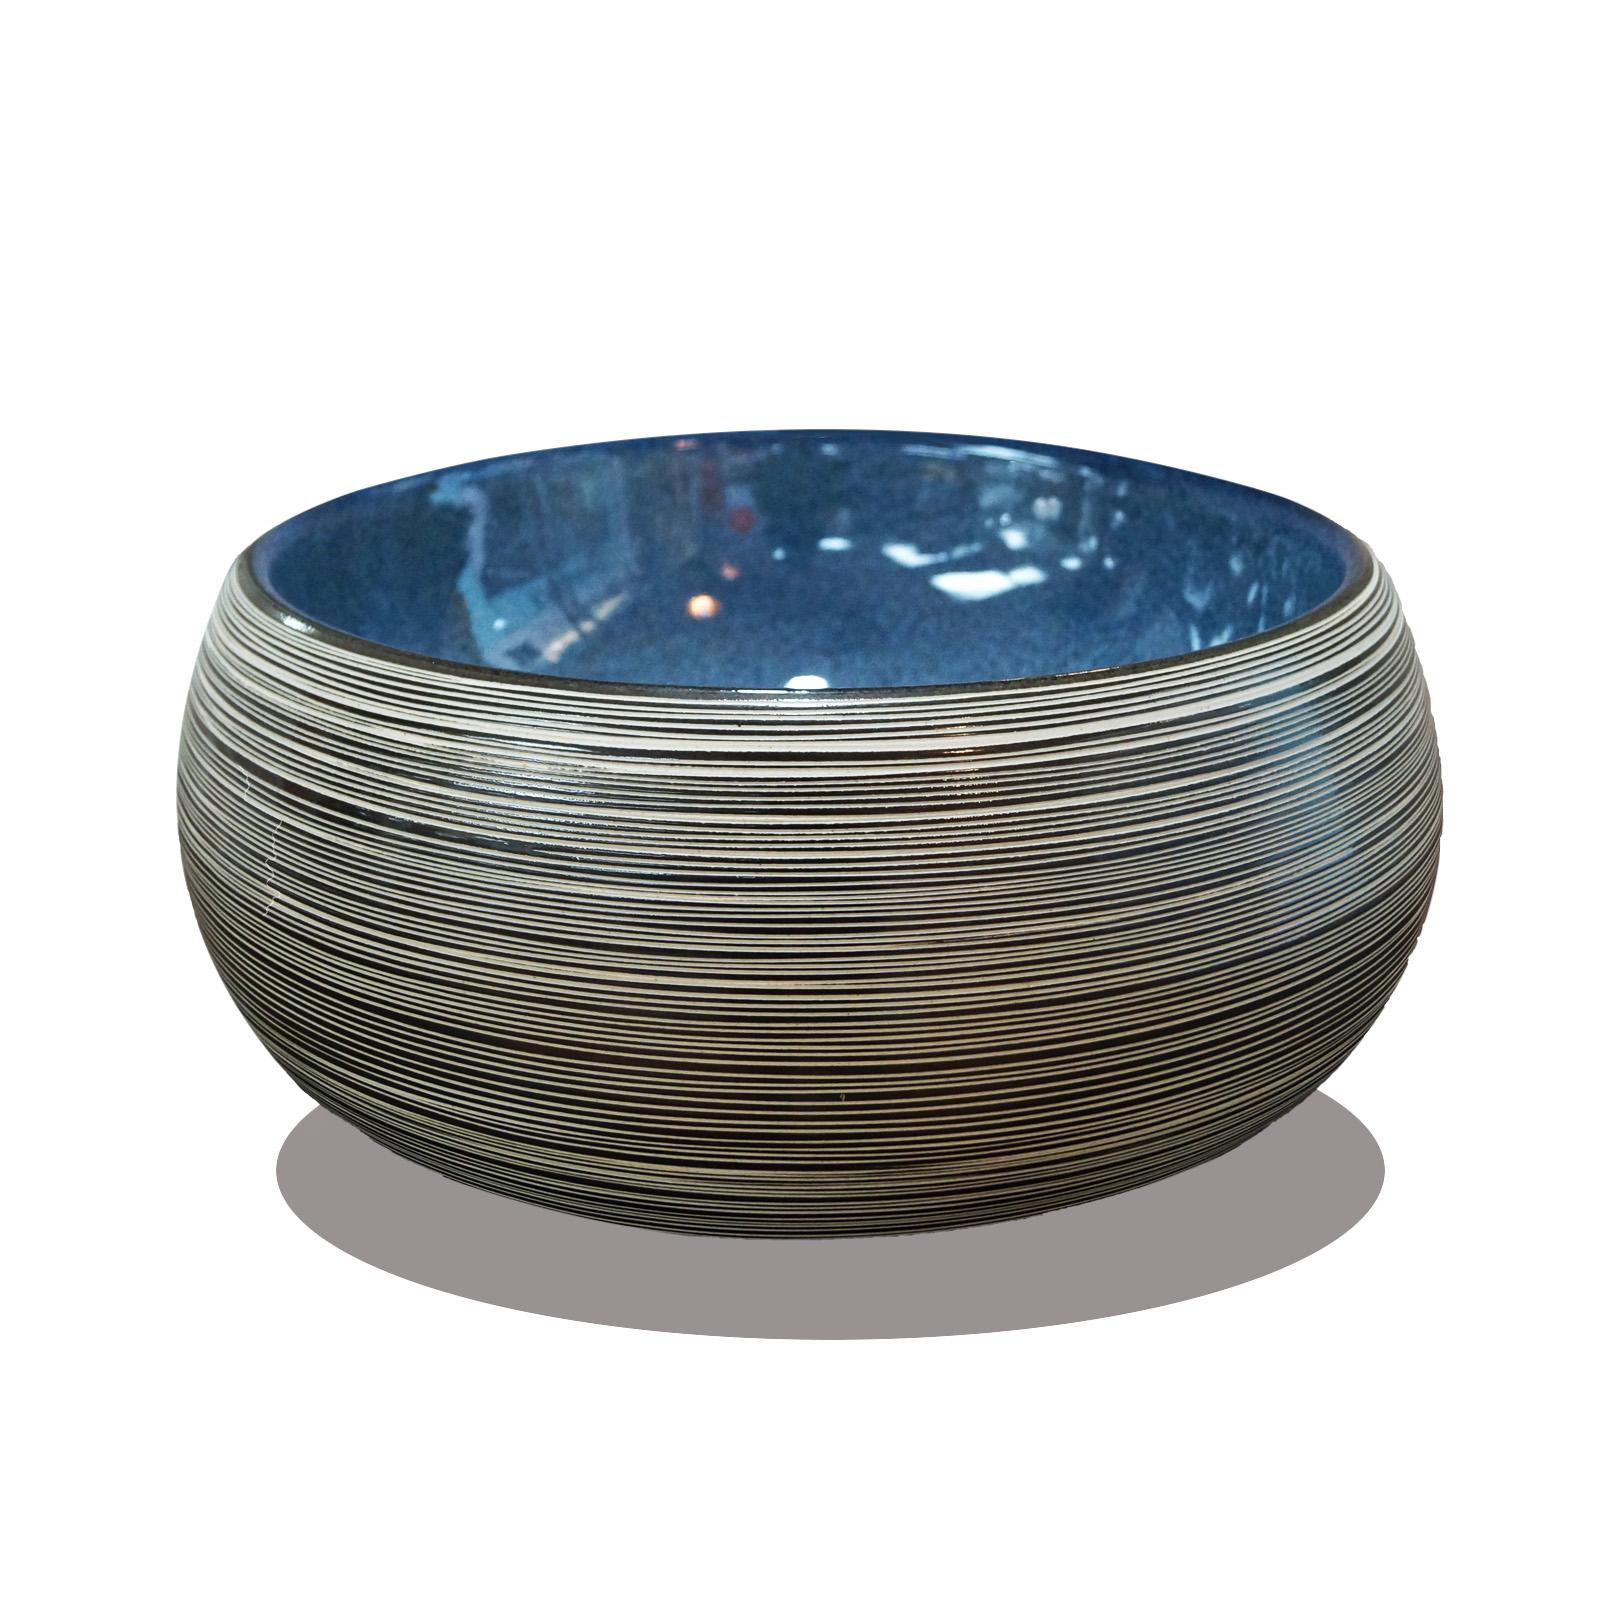 Lavabo de cerámica - color azul